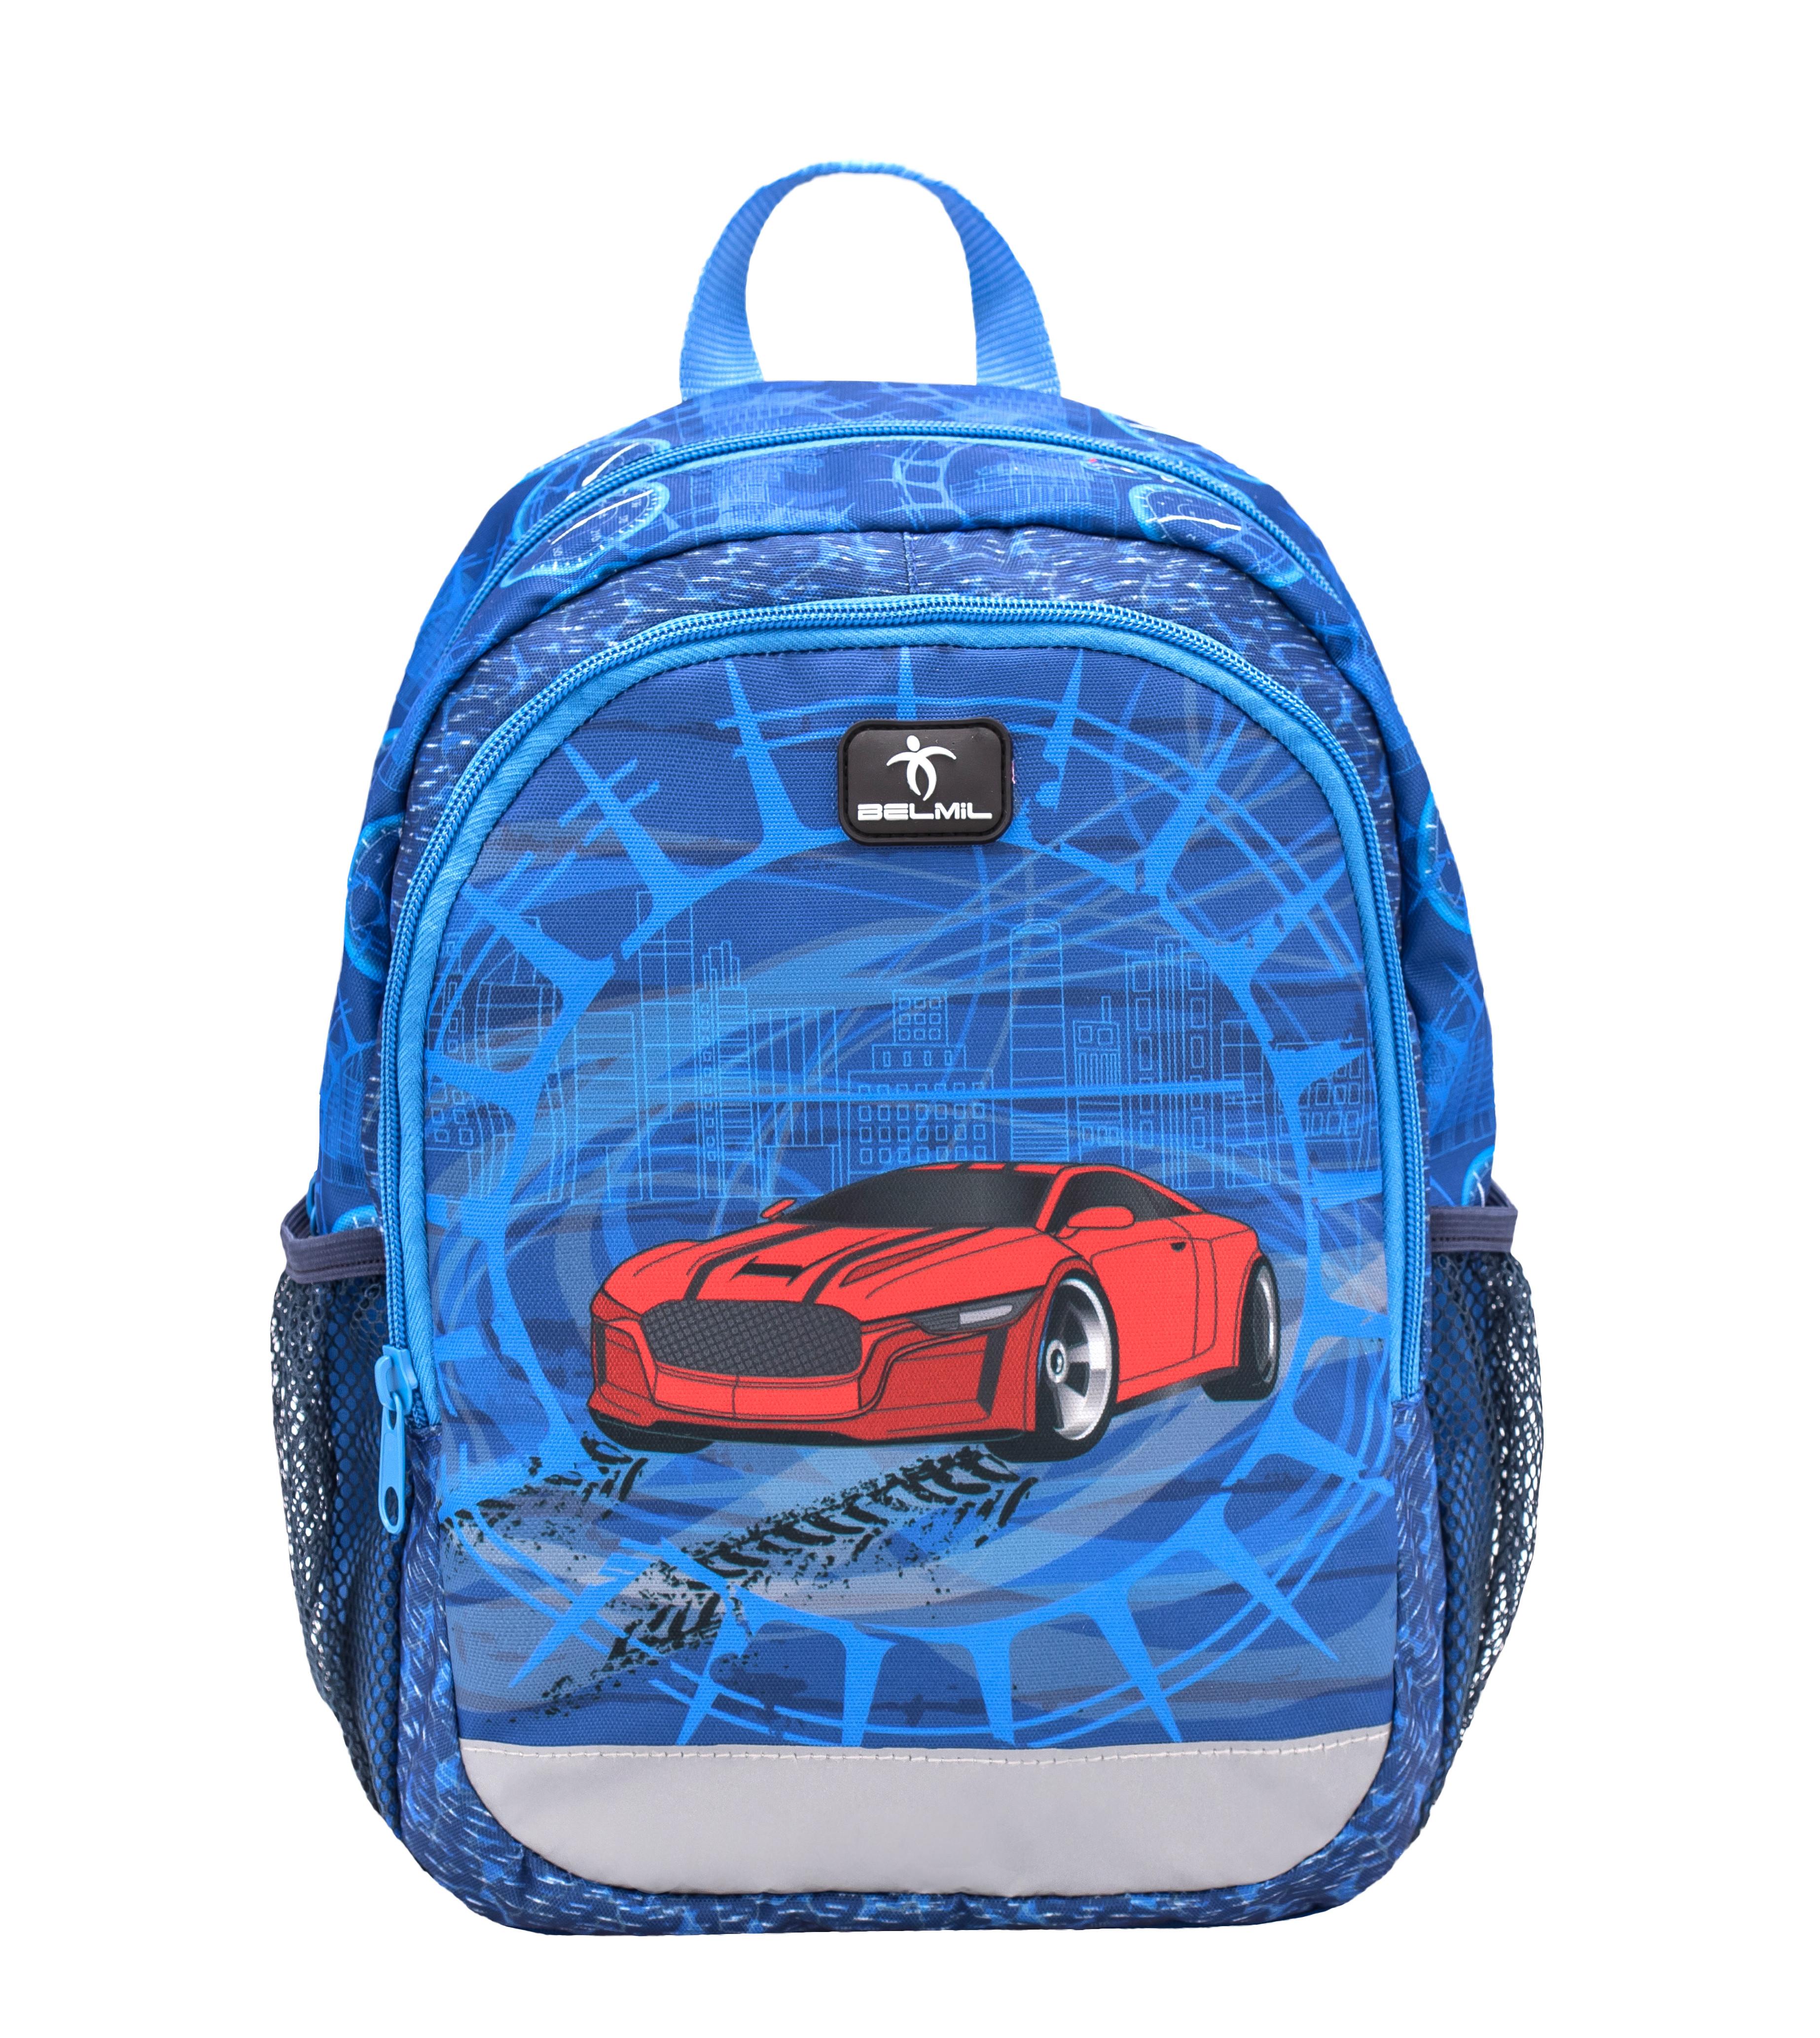 Preschool Backpack Super Car - BELMIL